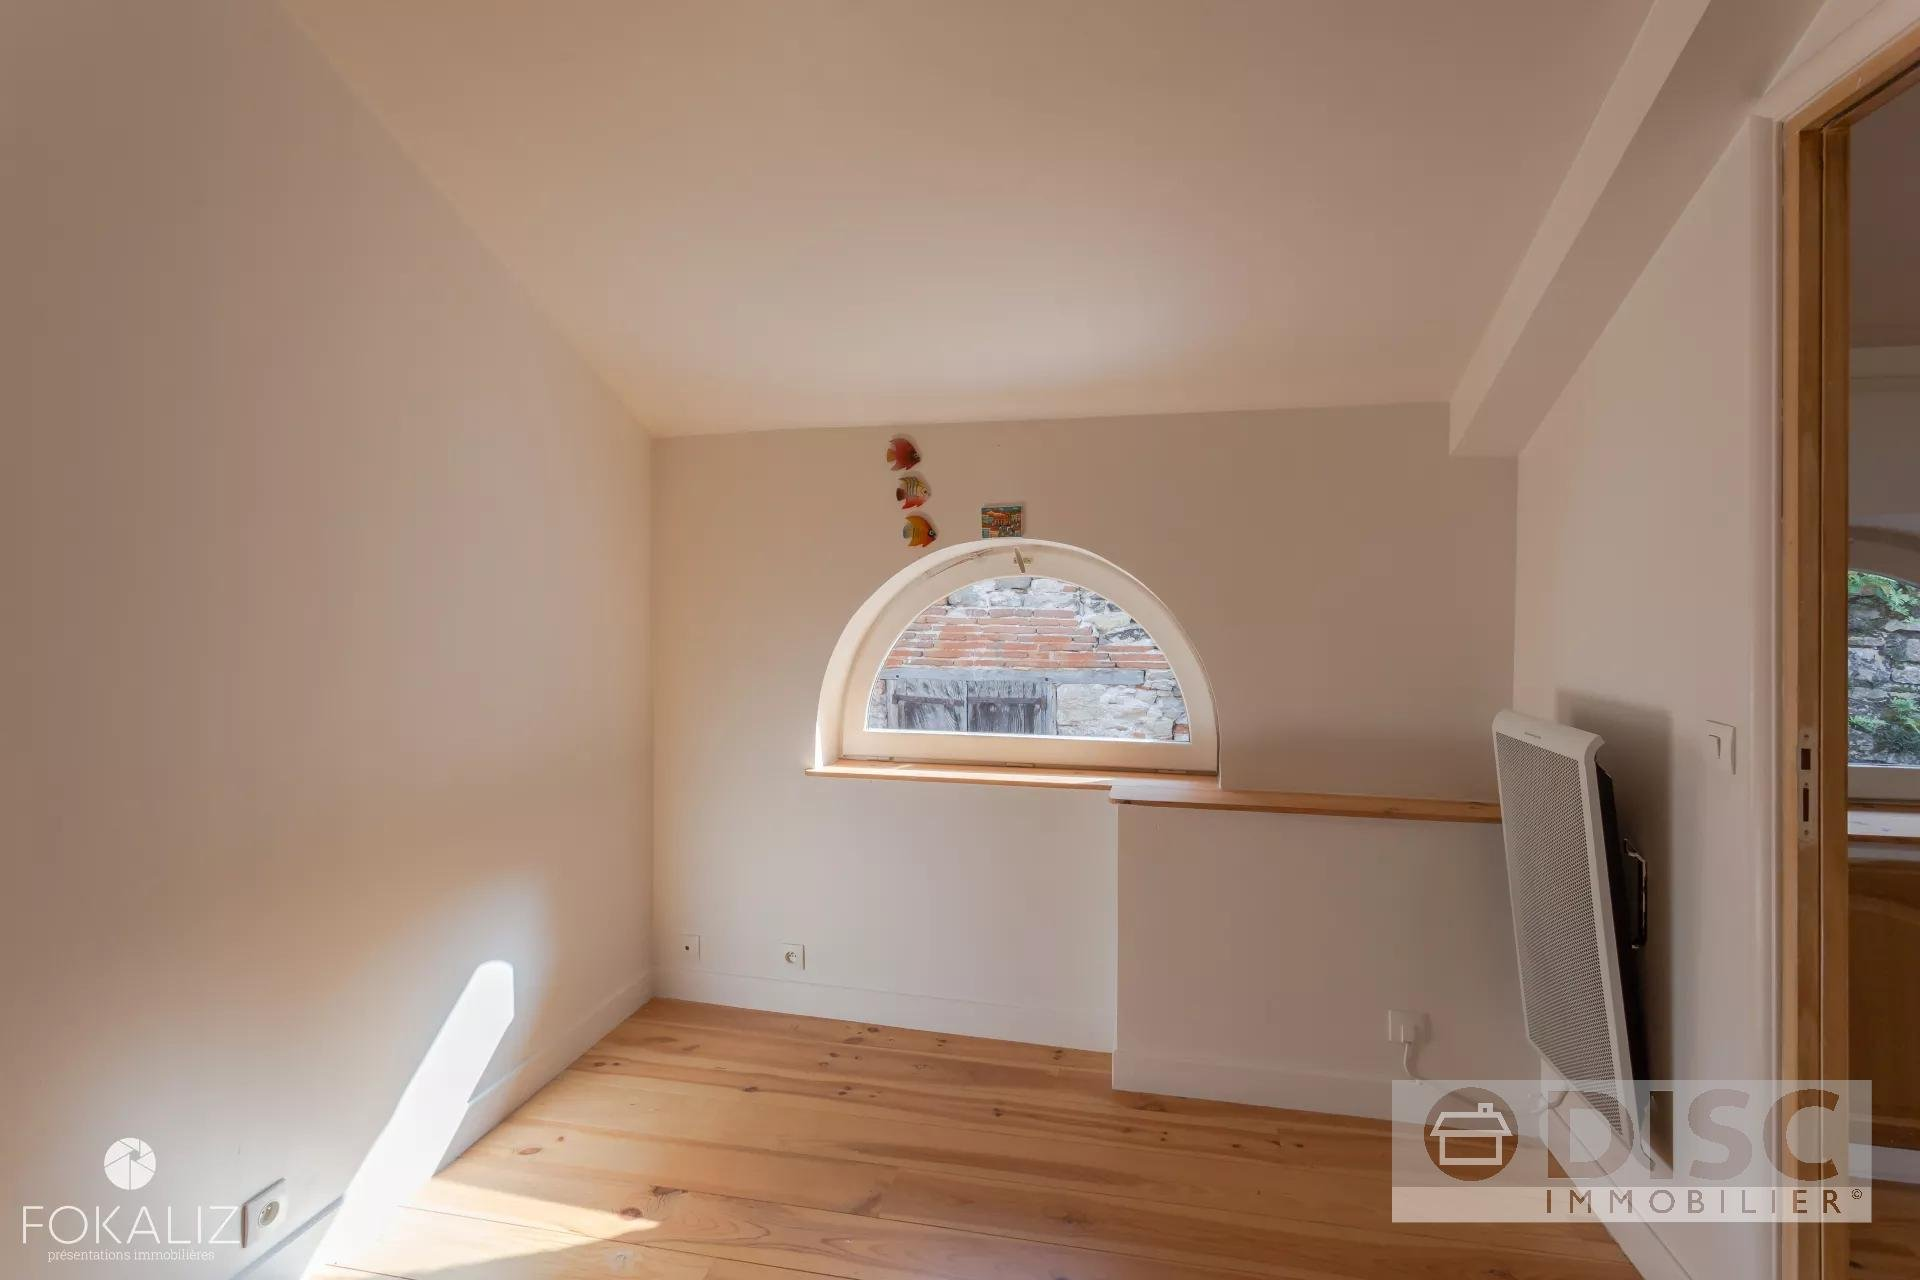 Verkoop Appartement - Saint-Antonin-Noble-Val